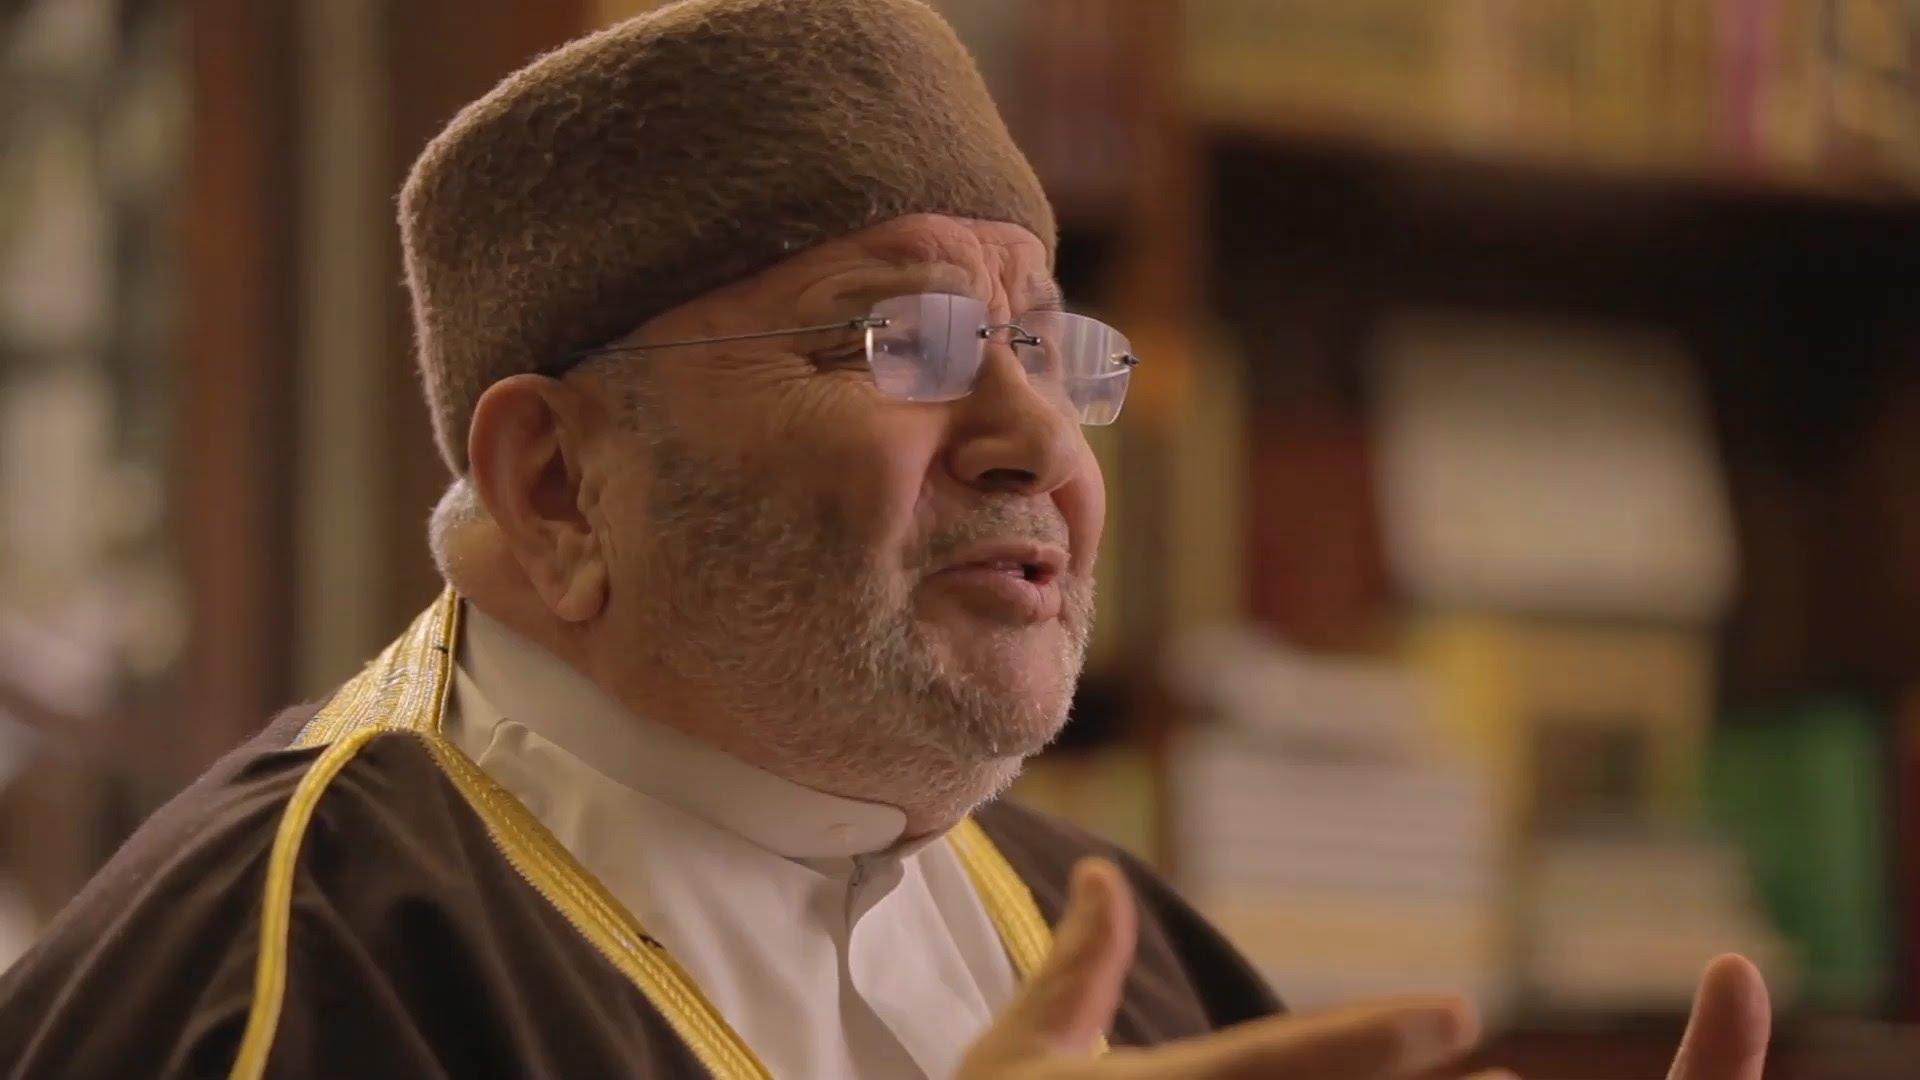 داعية سوري يعمل رئيس لهيئة الإعجاز القرآني